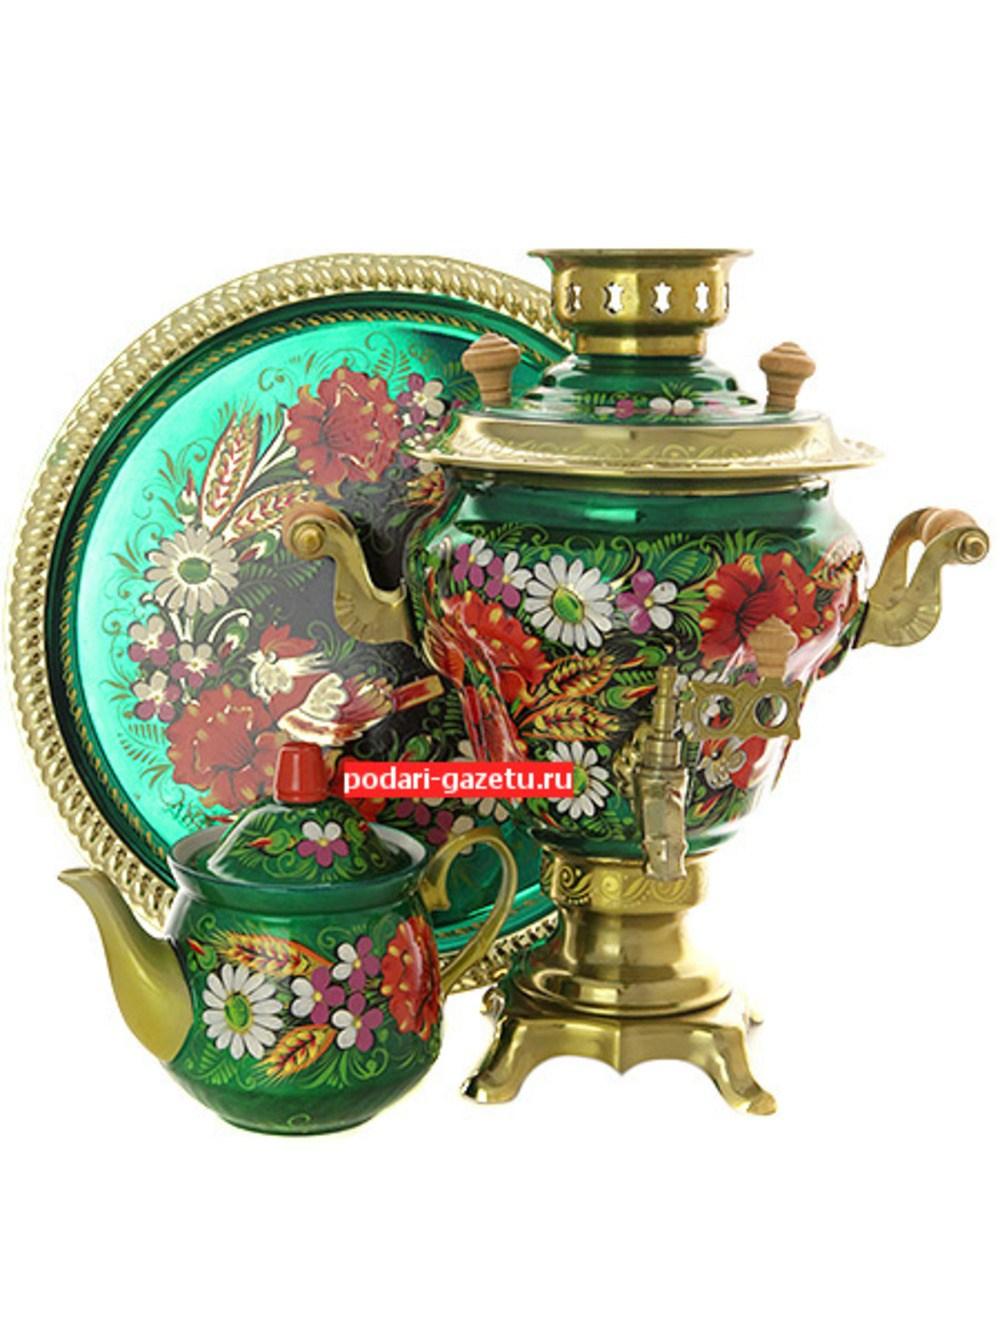 Набор самовар электрический 2 литра с художественной росписью Маки, ромашки на зеленом фоне